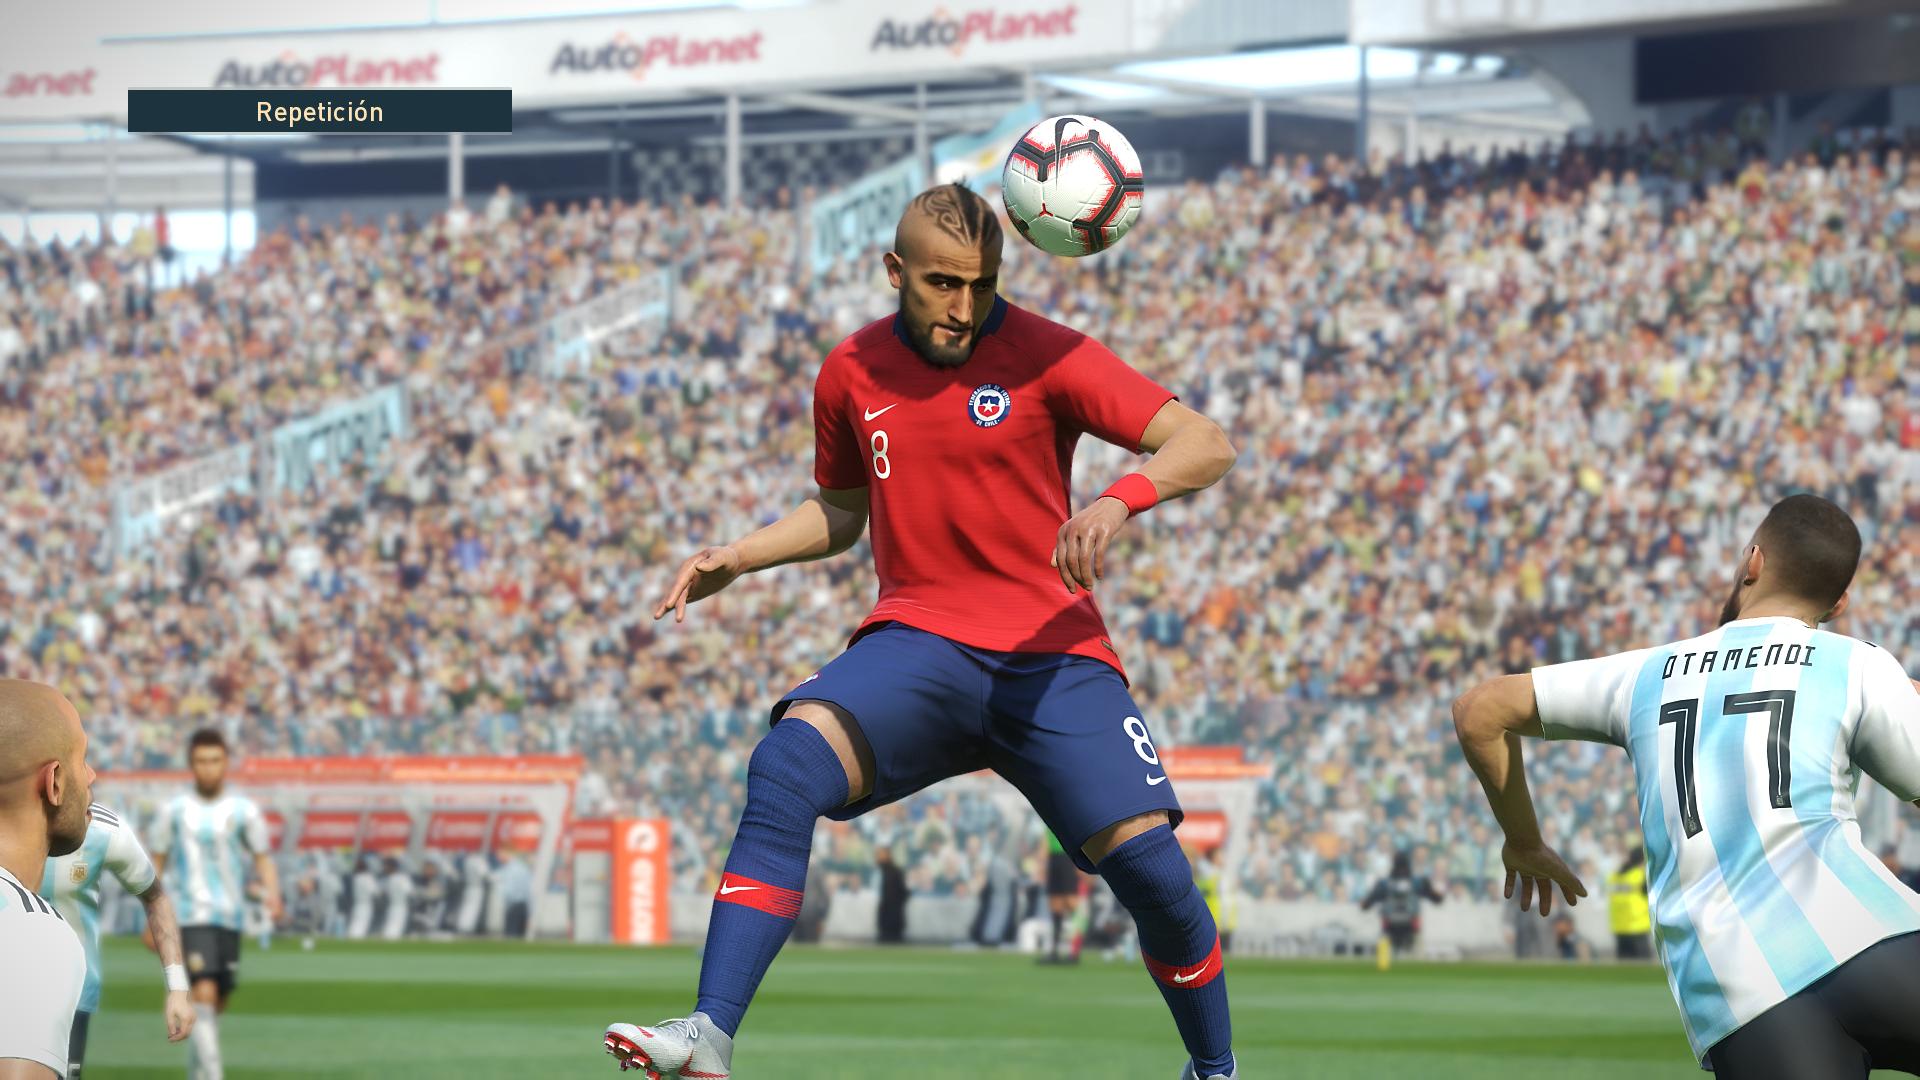 Pro Evolution Soccer viene al alza. La versión 2019 es un título que  enfrentó con más fuerza eso que le viene faltando en la última década  las  licencias. 9ccff494a1906